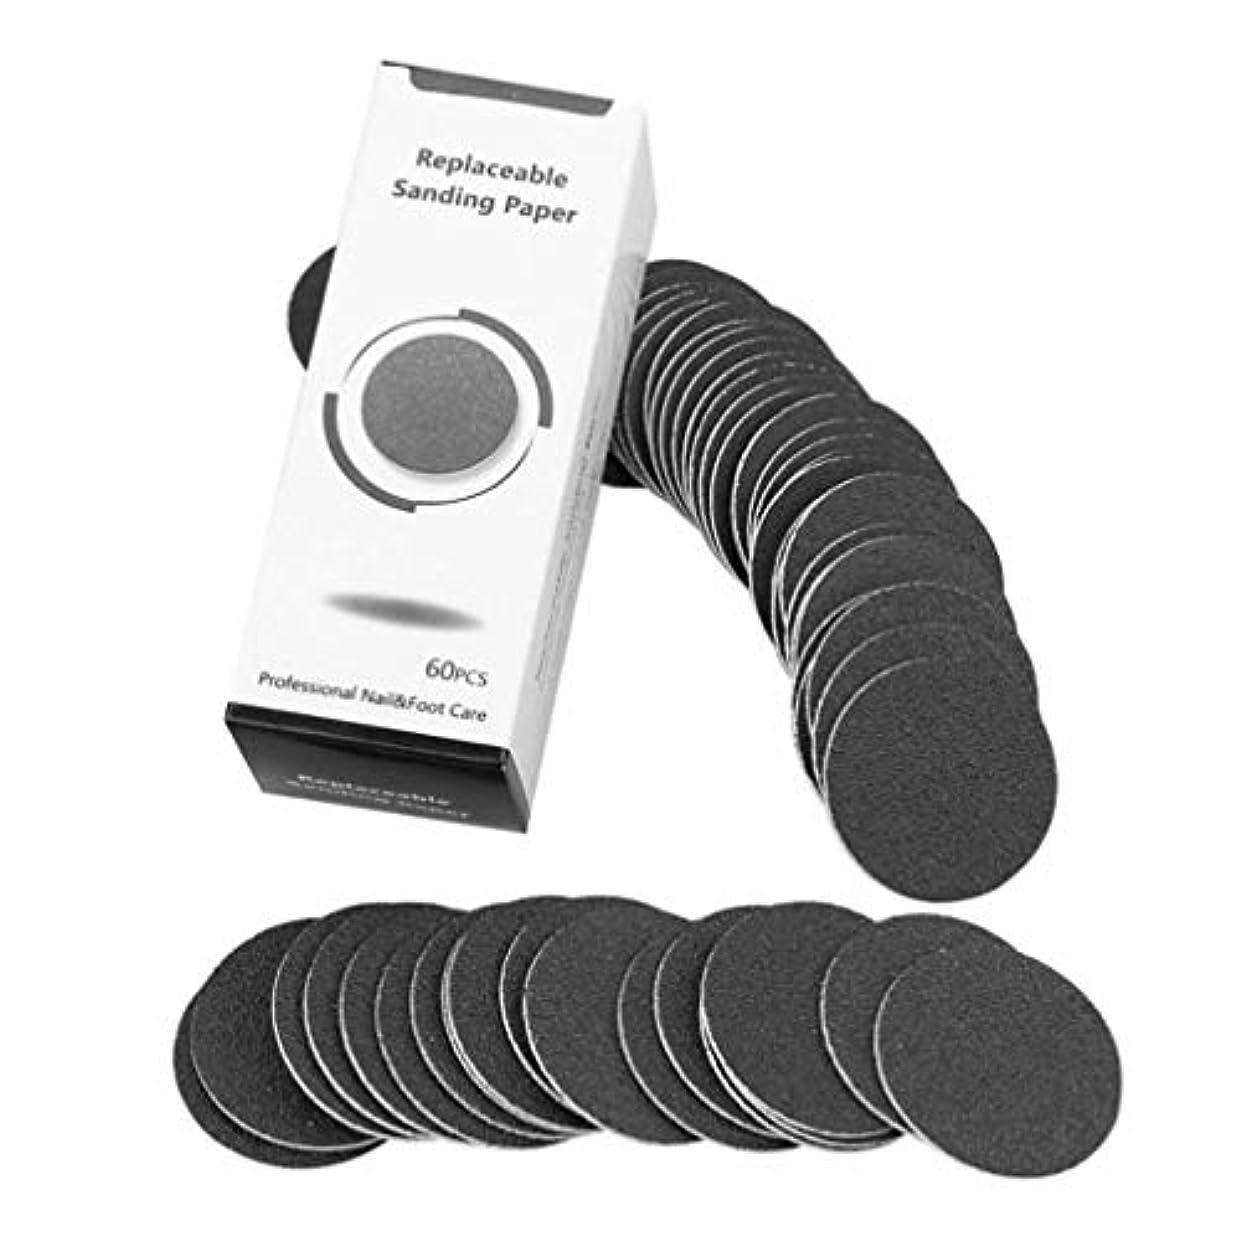 説明的合意純正エレクトリックフットカルスリムーバー1ボックス(60個)の交換用サンドペーパーディスク